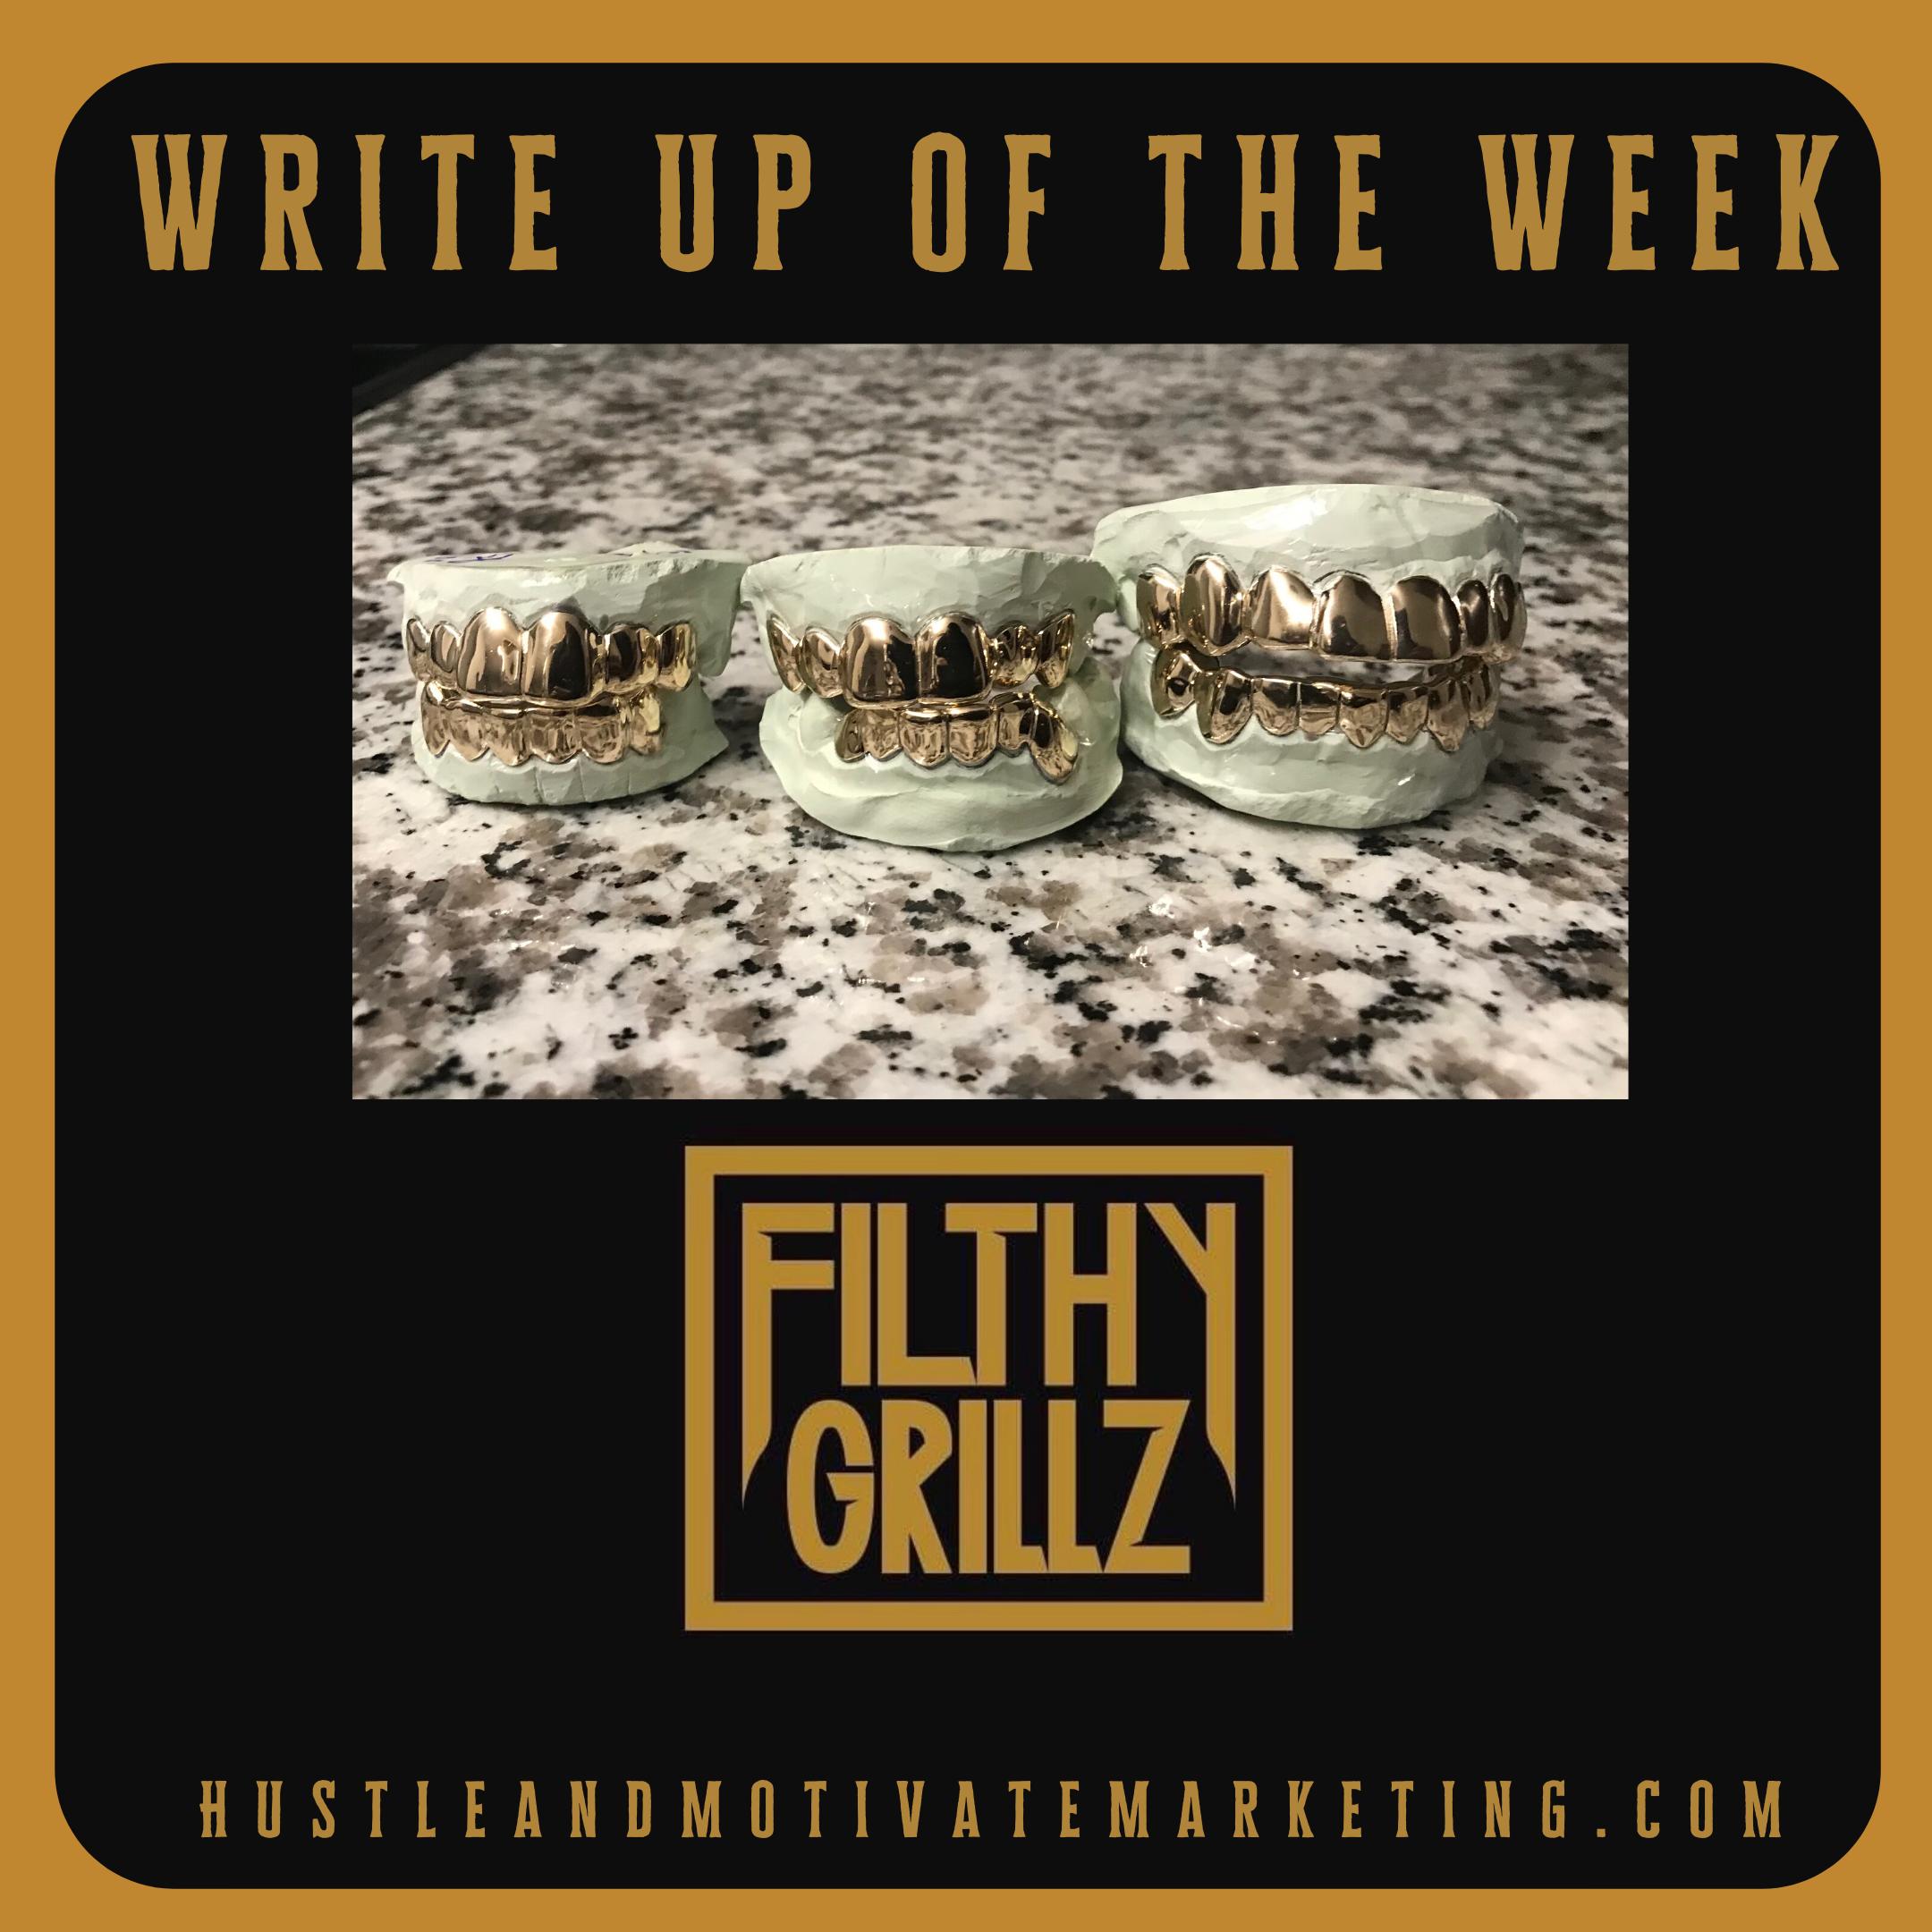 W.U.O.T.W. Featuring Filthy Grillz